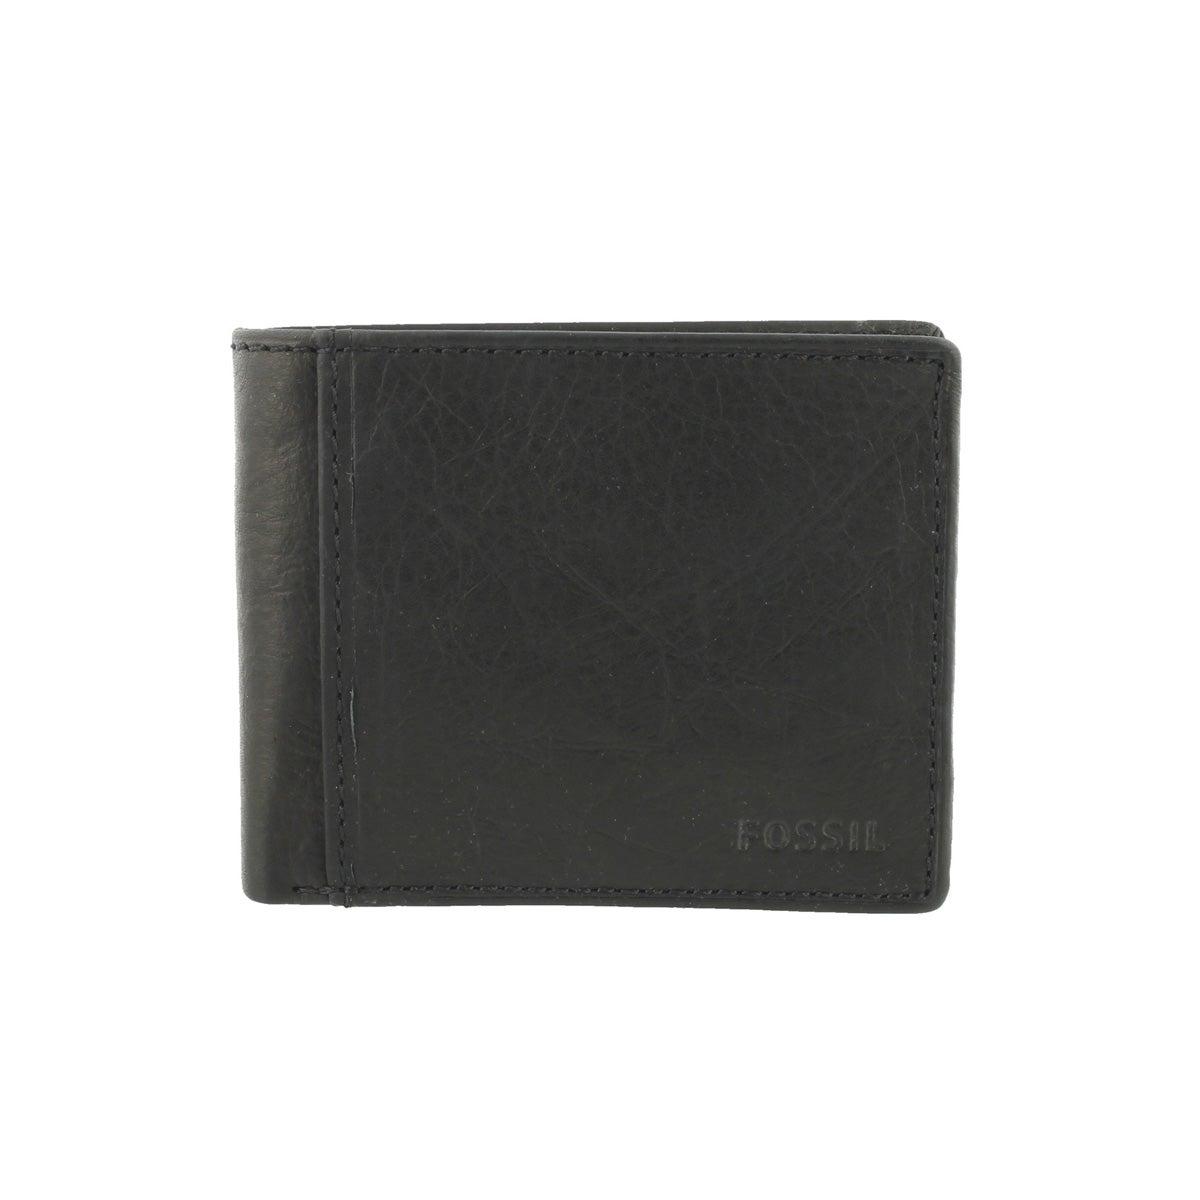 Mns Ingram Traveler black leather wallet